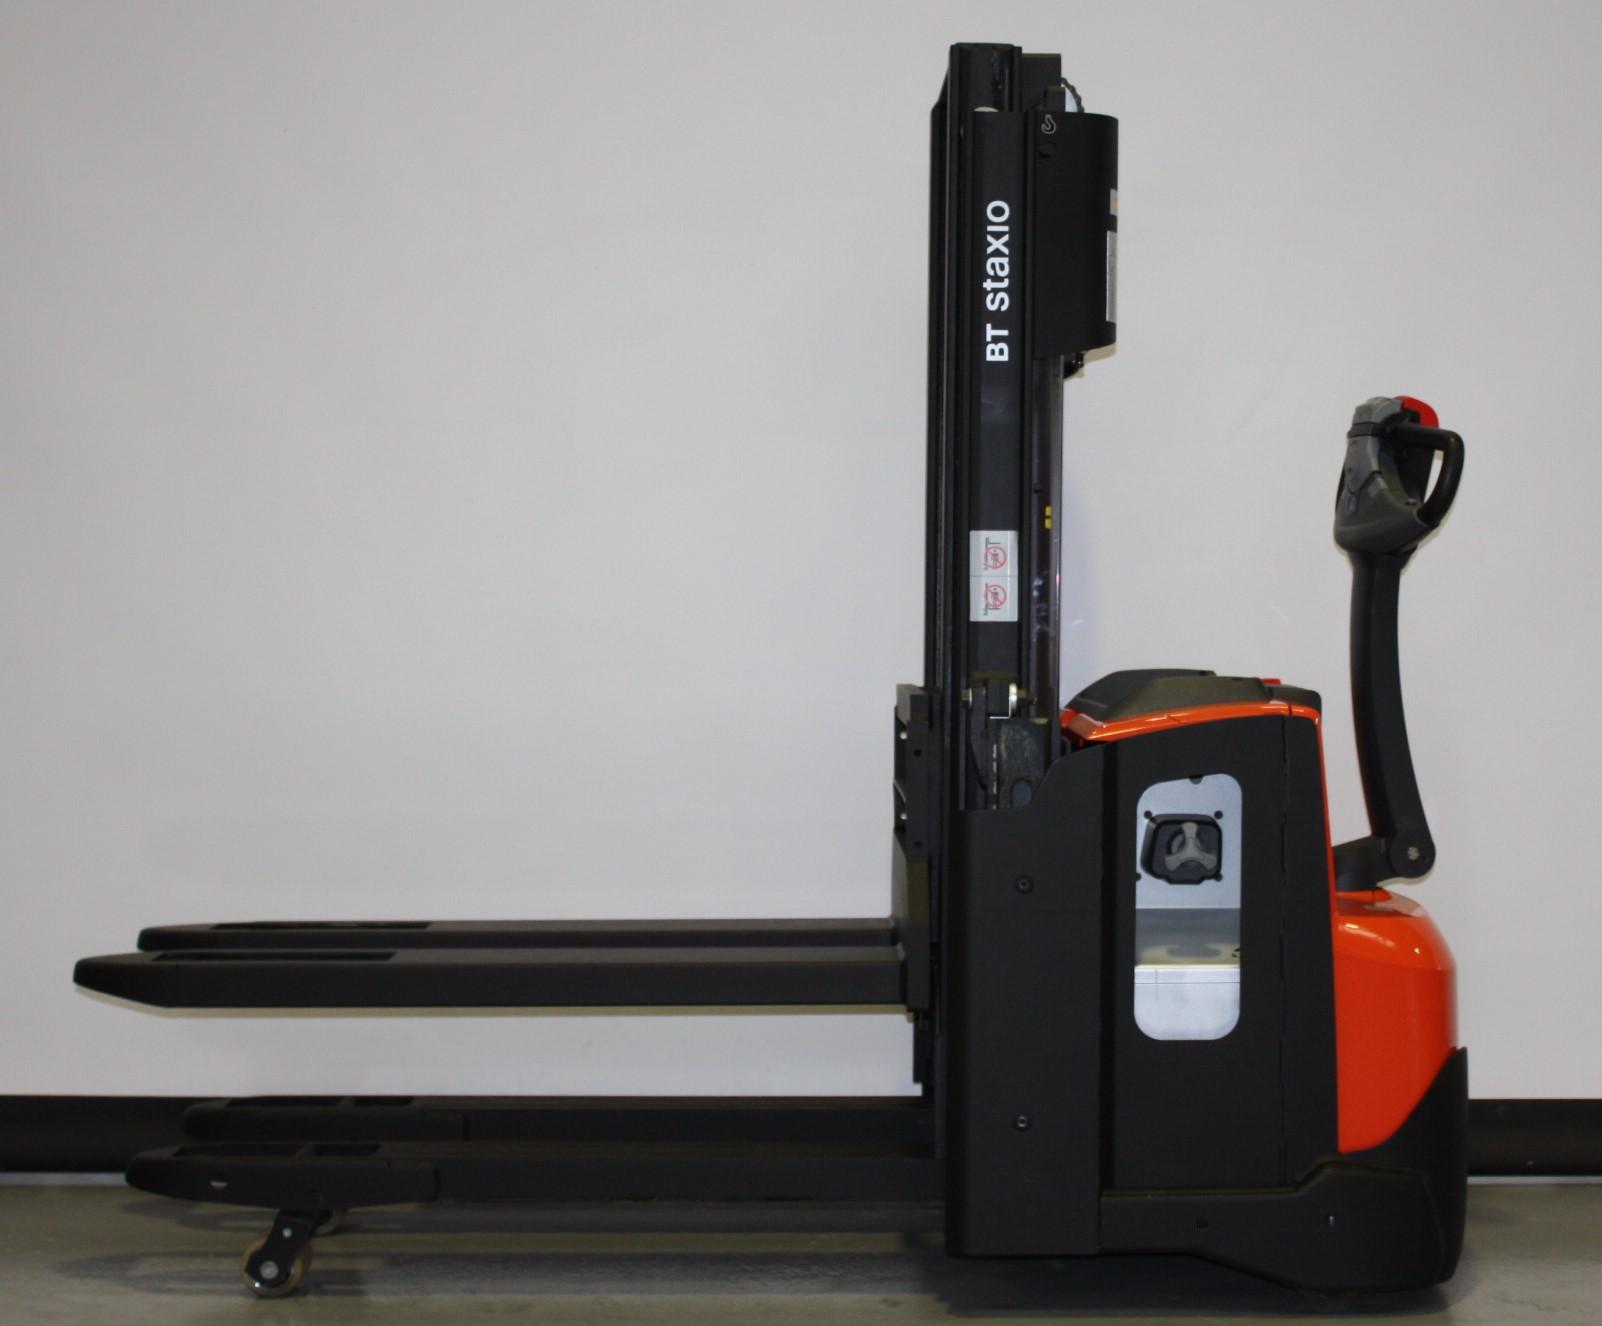 Toyota-Gabelstapler-59840 2003035944 1